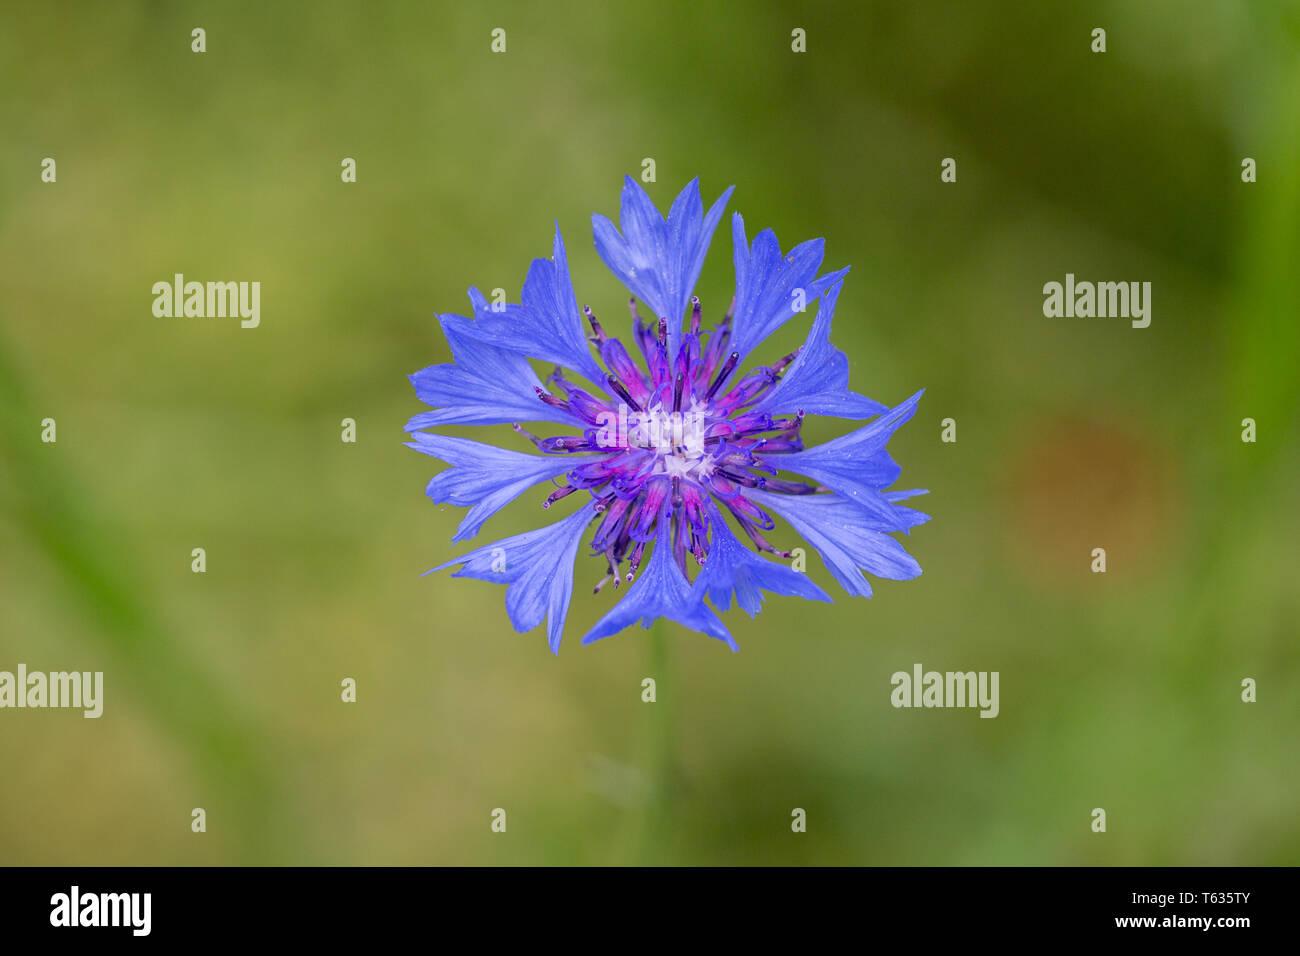 Close up centaurea cyanus, meglio noto come Bachelor's pulsante o fiordaliso. Fiore in fiore con blu e viola petali. Immagini Stock